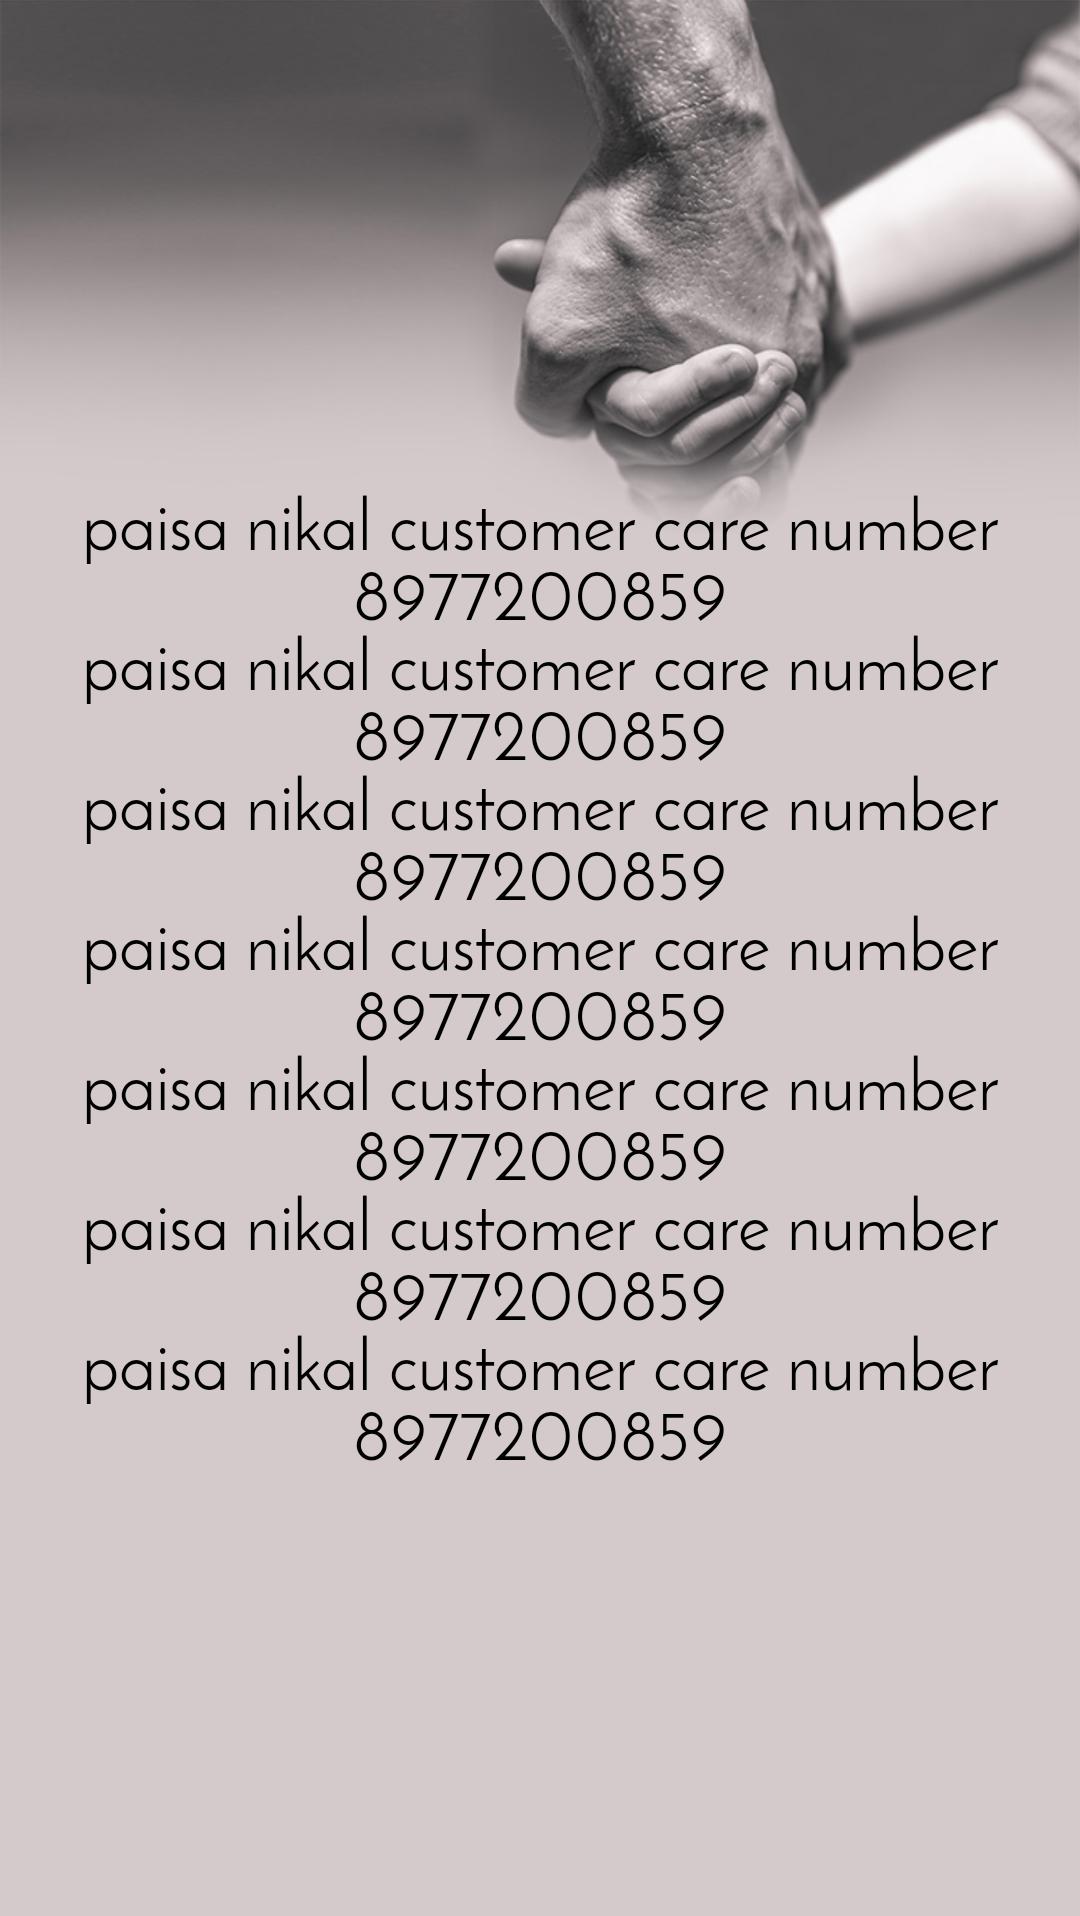 paisa nikal customer care number 8977200859 paisa nikal customer care number 8977200859 paisa nikal customer care number 8977200859 paisa nikal customer care number 8977200859 paisa nikal customer care number 8977200859 paisa nikal customer care number 8977200859 paisa nikal customer care number 8977200859